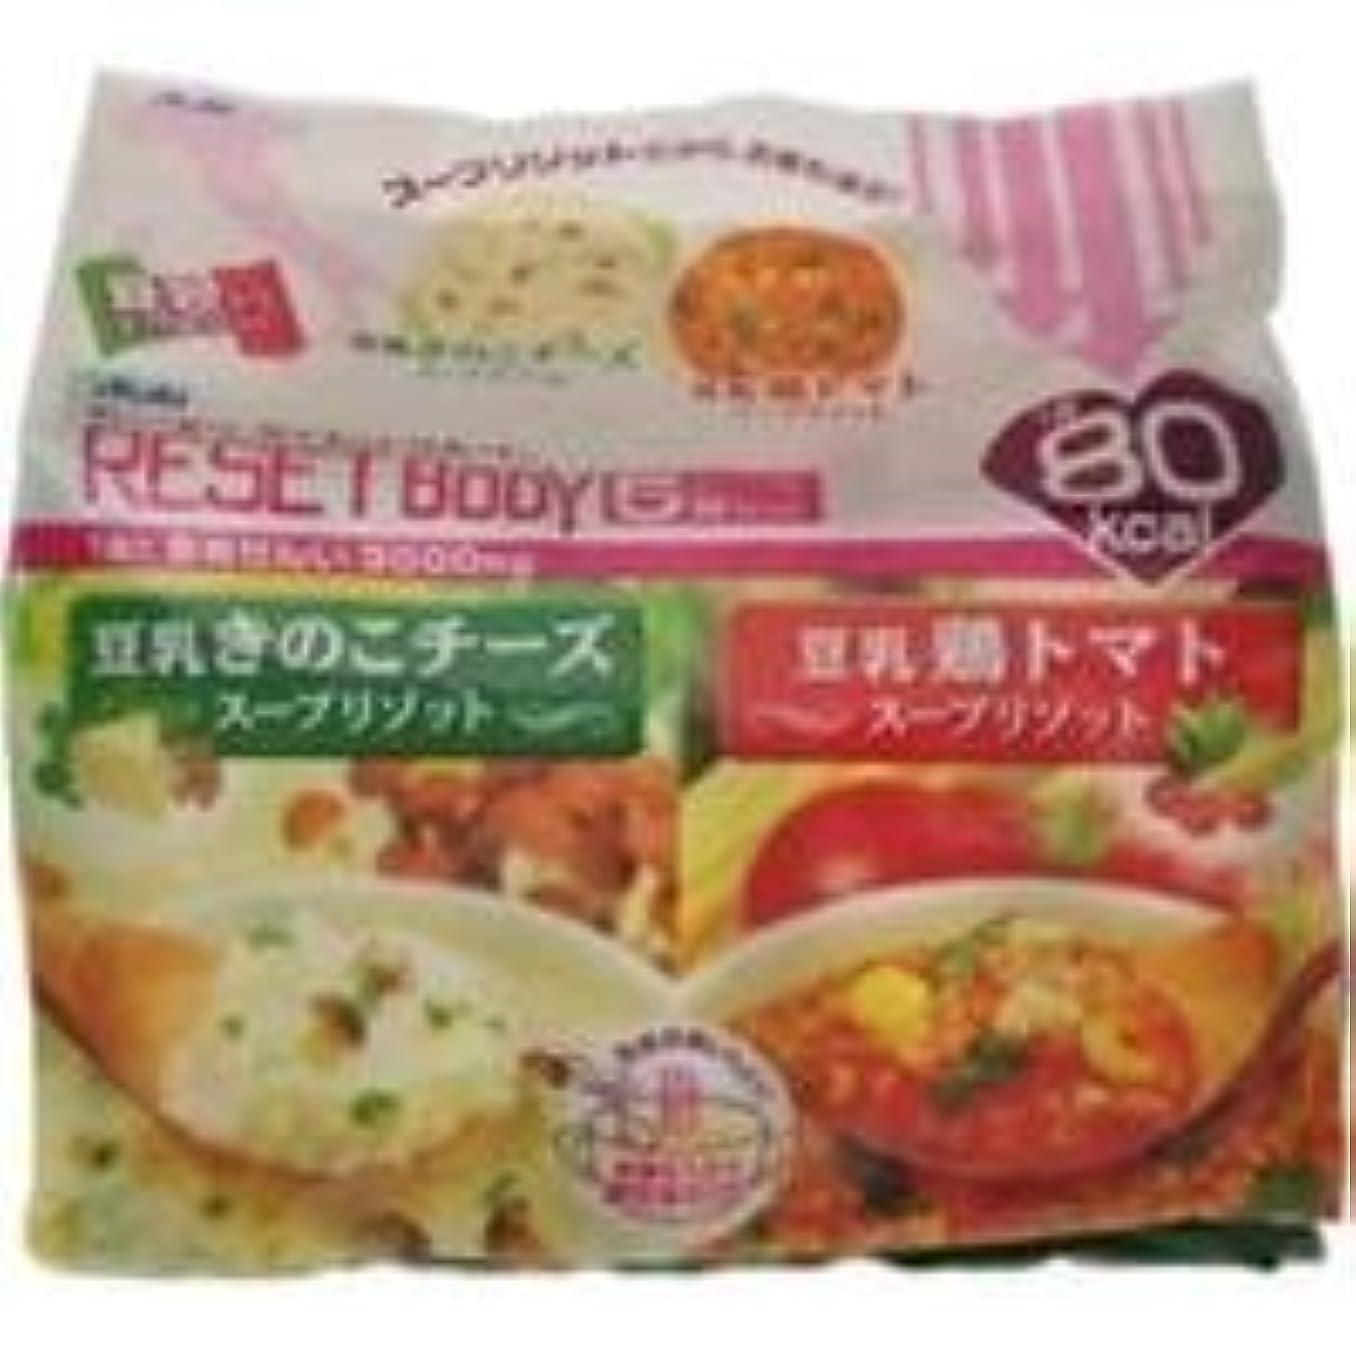 花婿マットレス成長するリセットボディ リセットボディ 豆乳きのこチーズ&鶏トマトスープリゾット 5食 きのこ3食+???2食 1袋